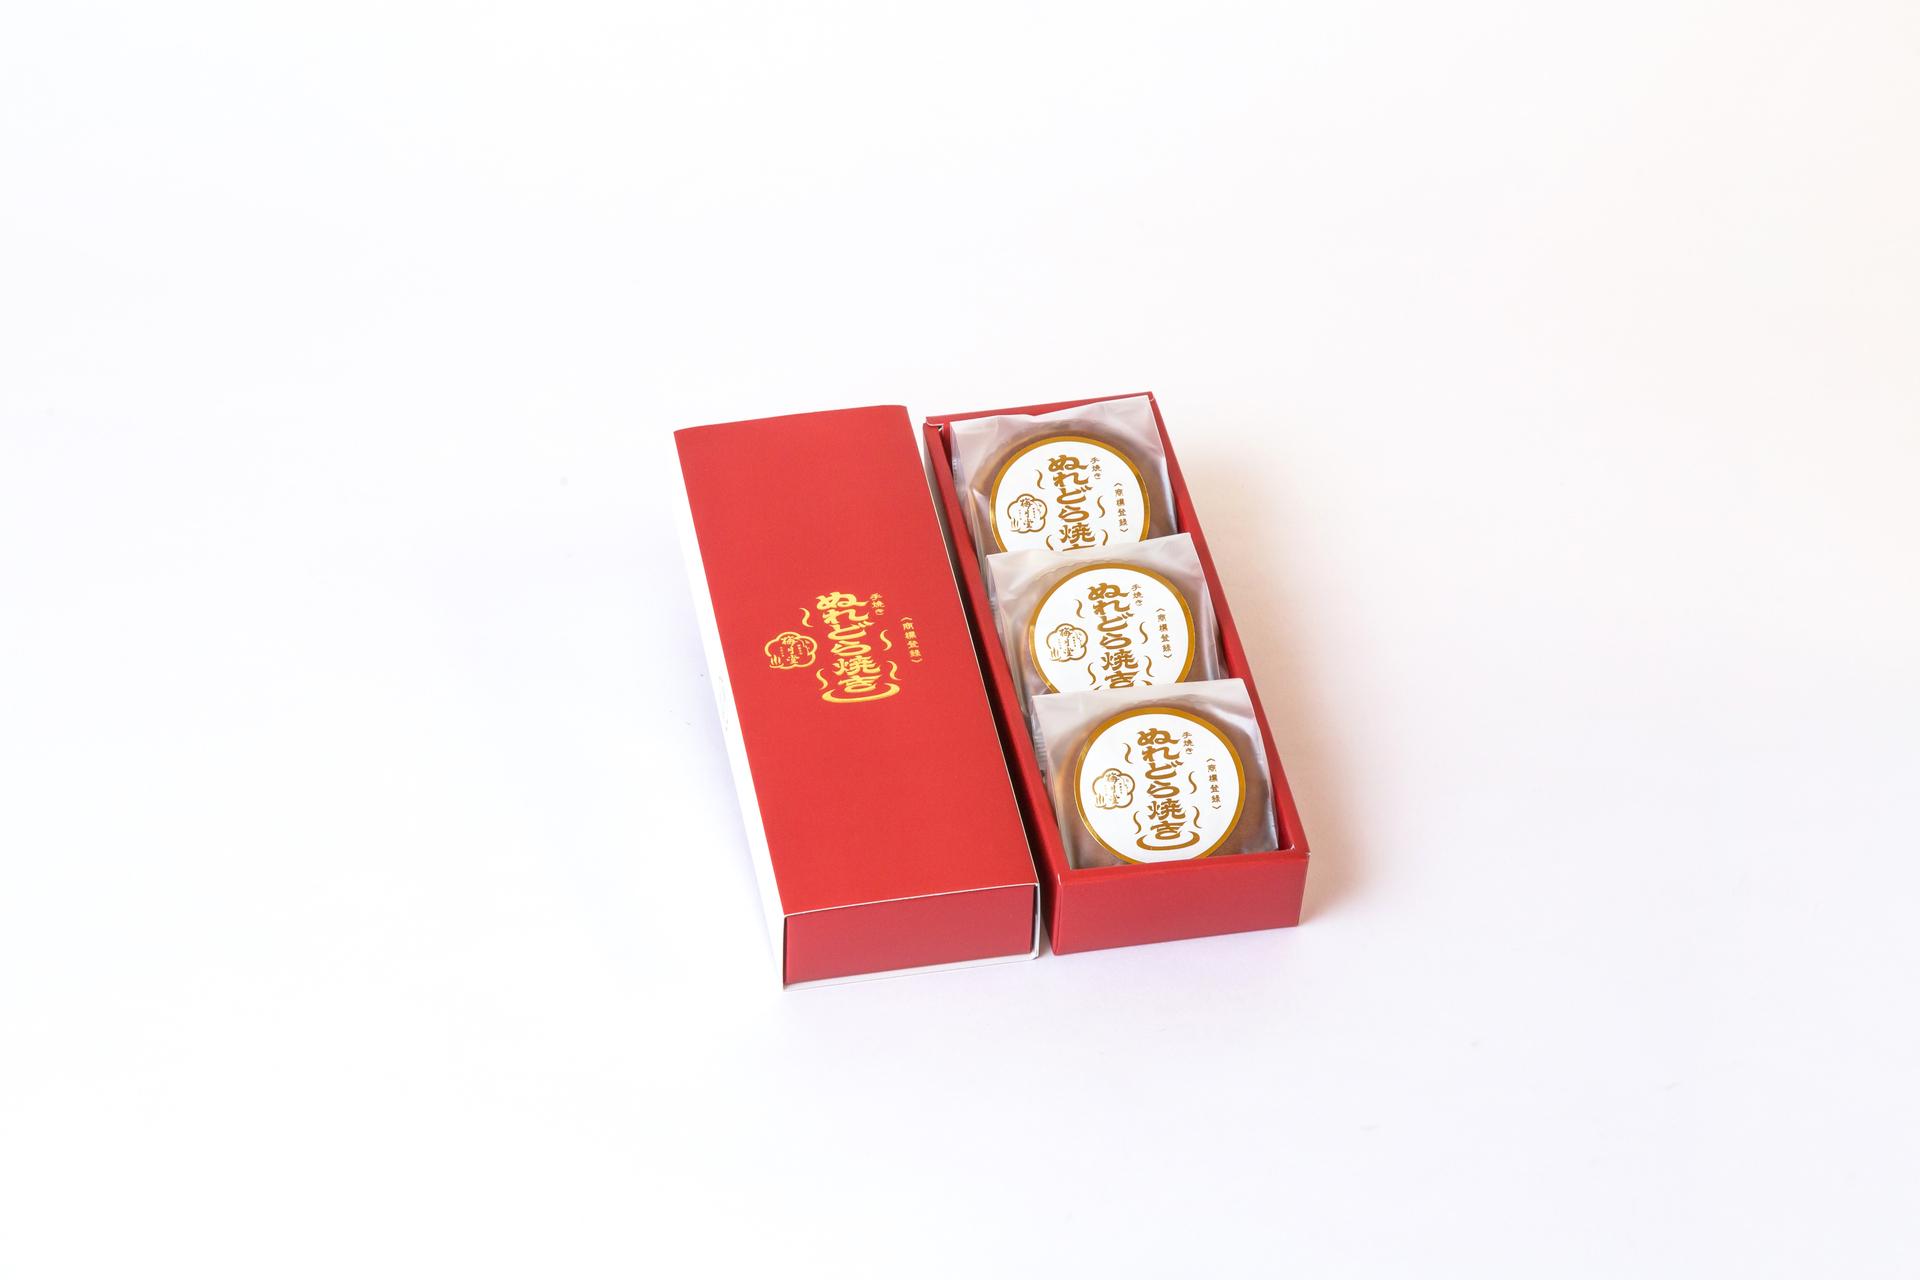 食事・おやつ総合スレ ペコちゃんの箱はダメです 111個目 YouTube動画>1本 ->画像>122枚